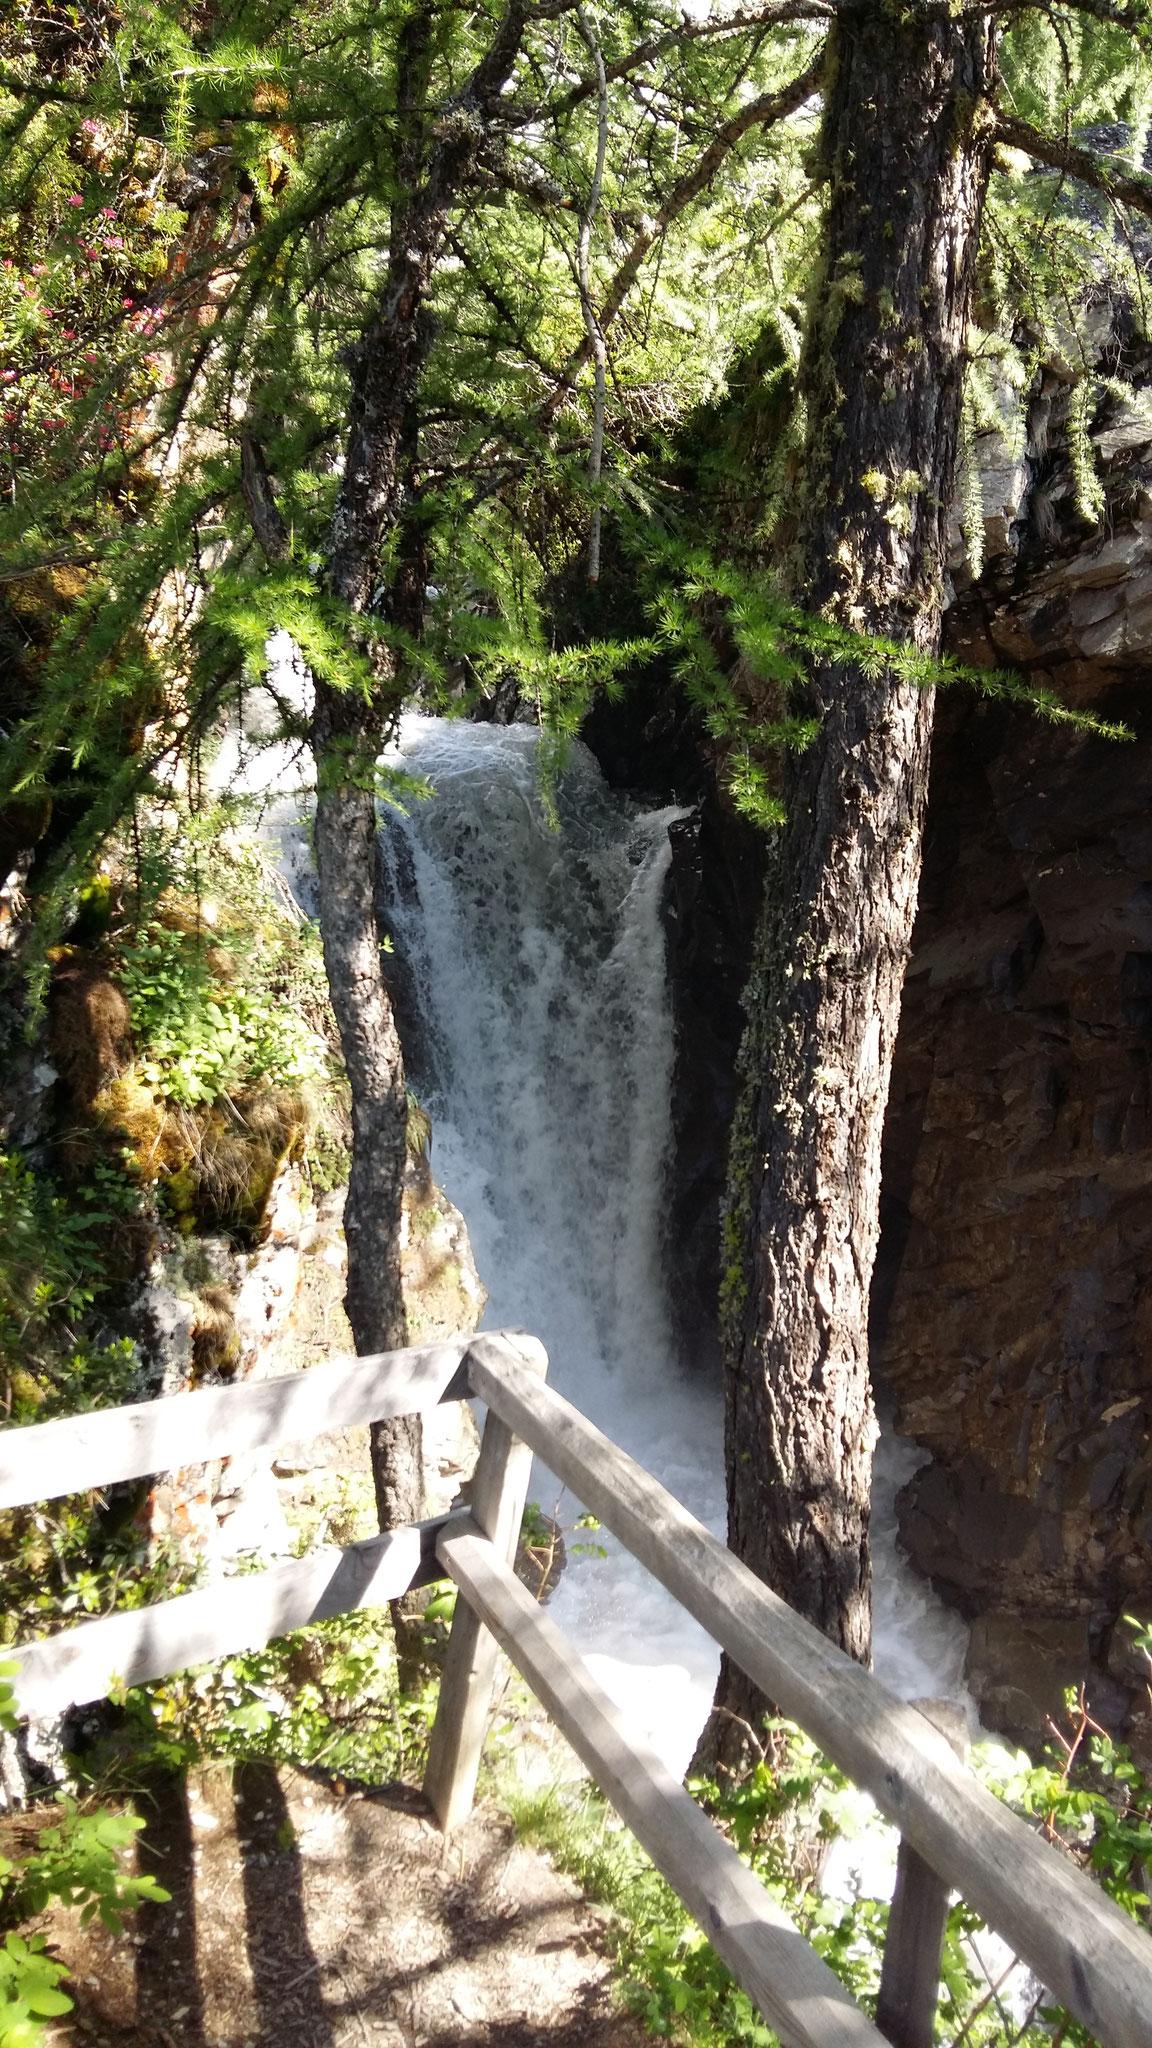 mit eindrücklichem Wasserfall